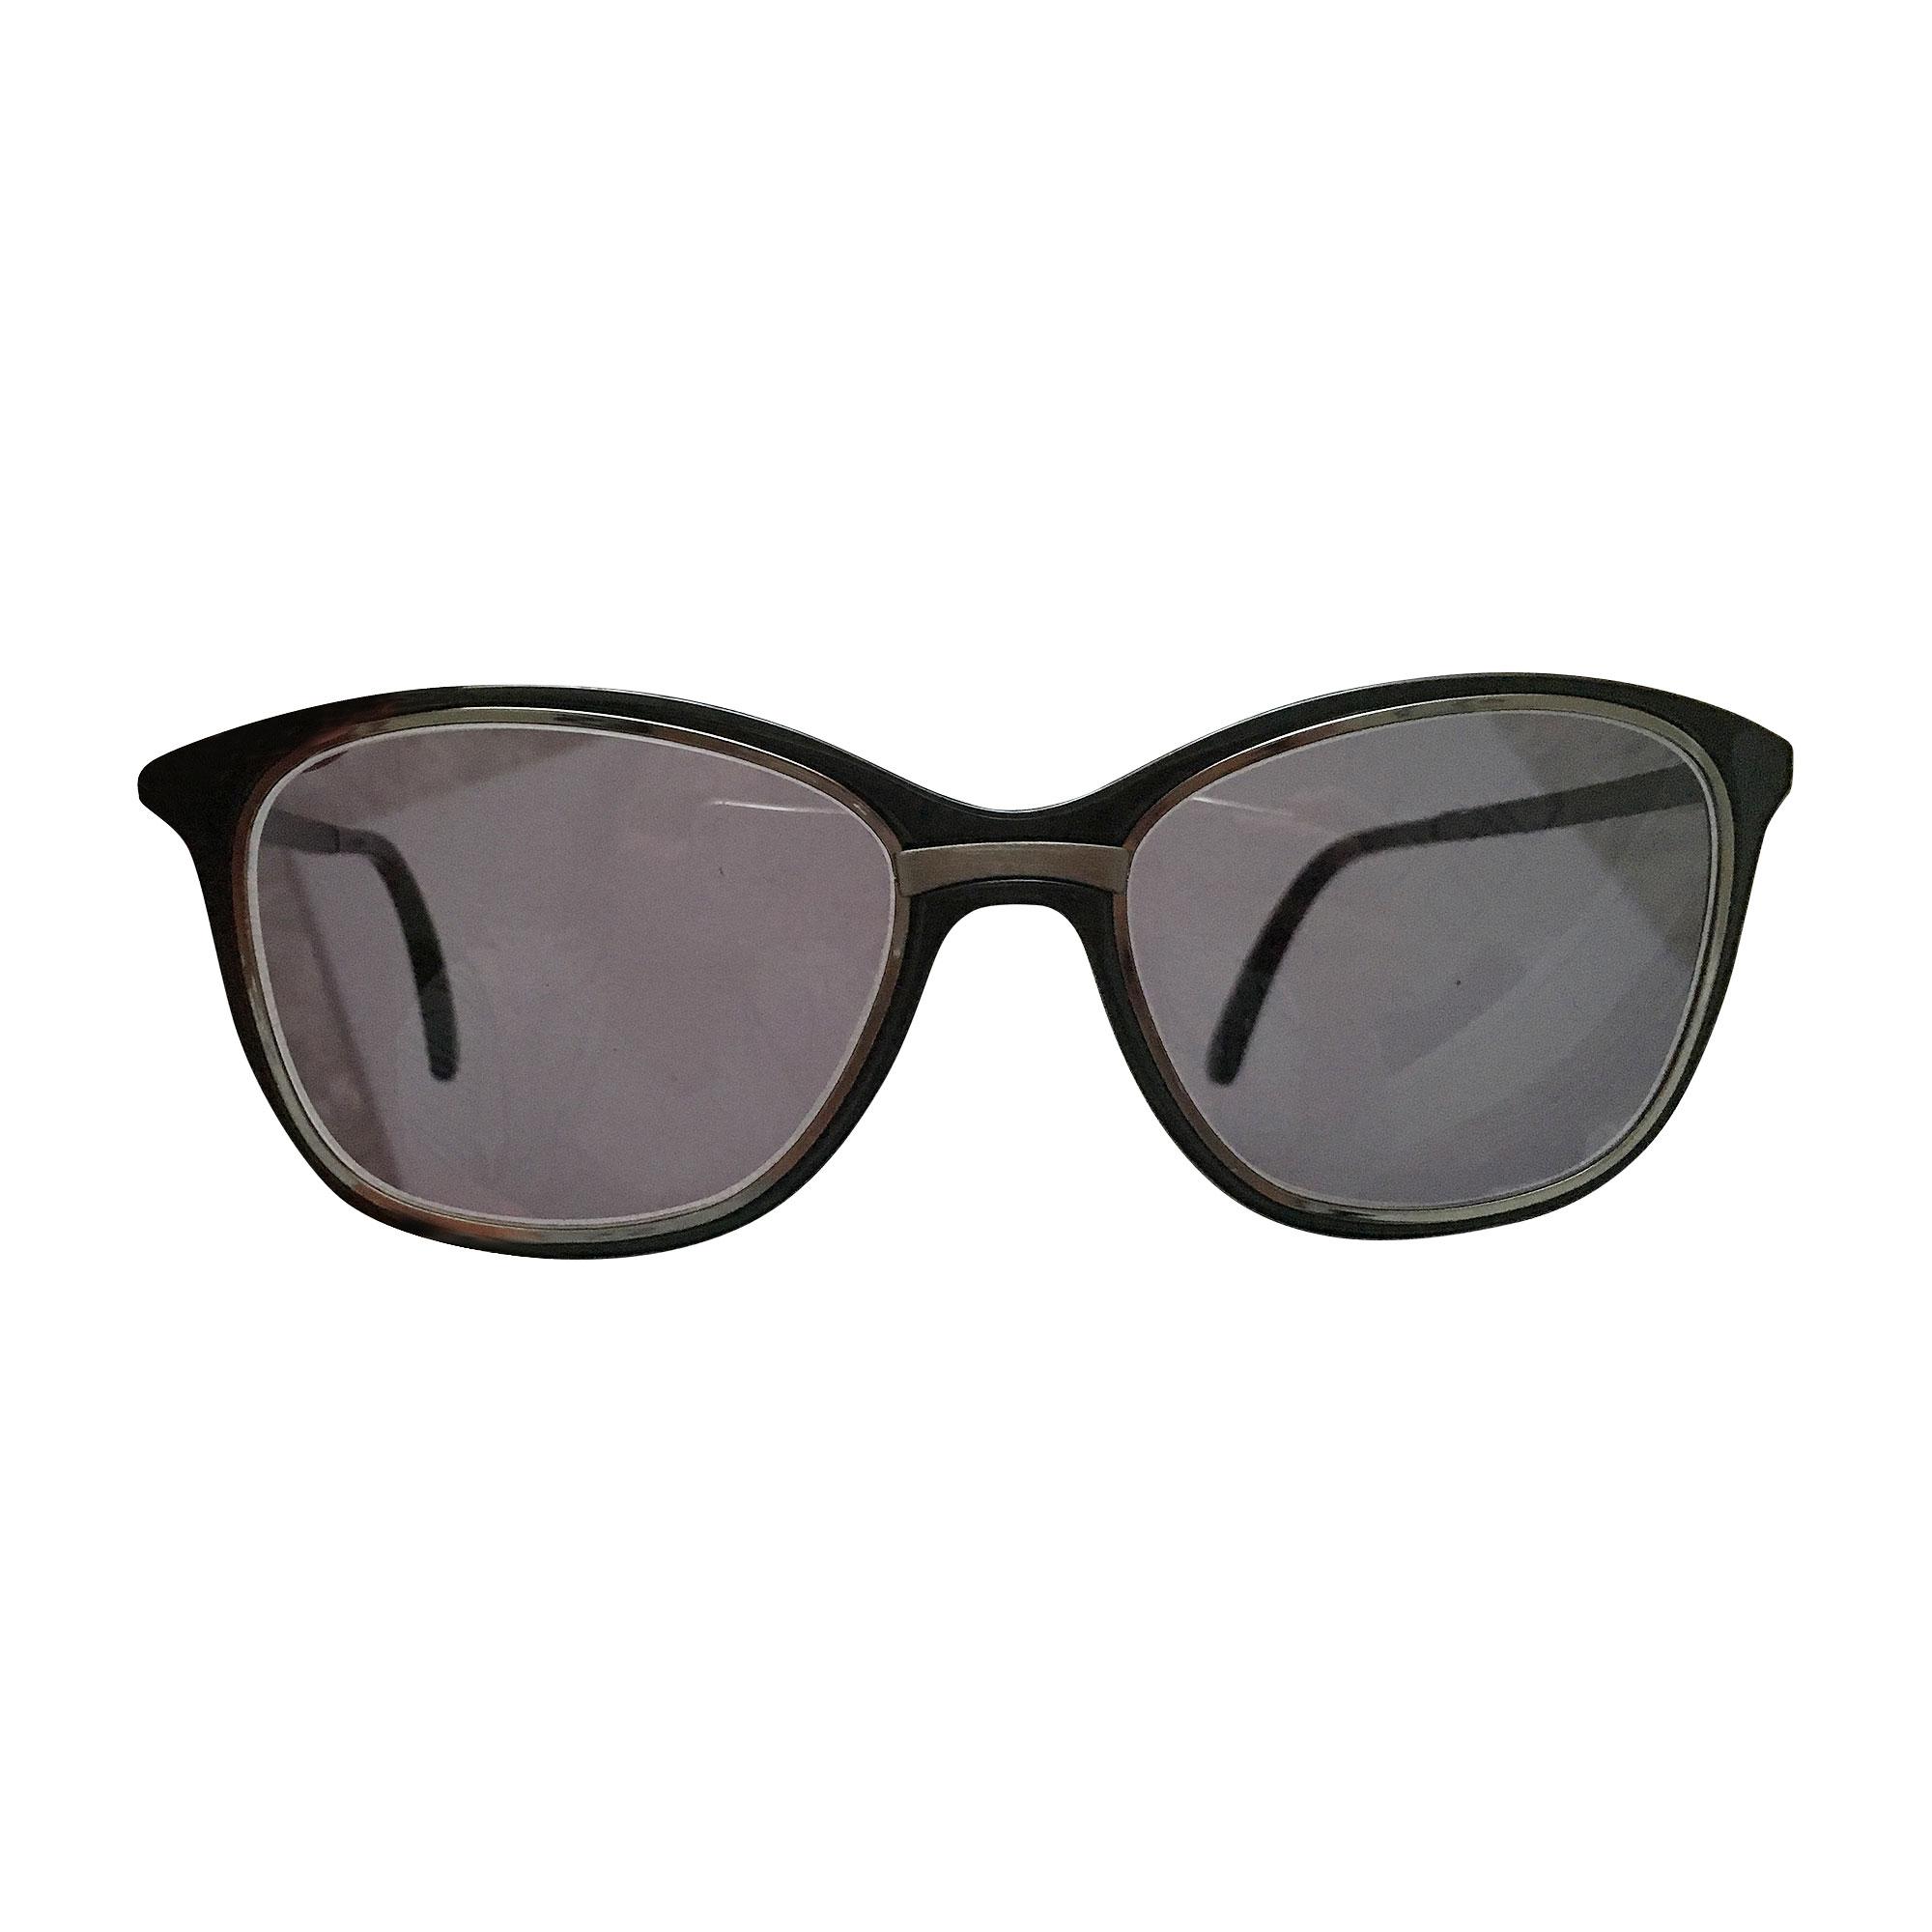 monture de lunettes chanel noir 4688202. Black Bedroom Furniture Sets. Home Design Ideas